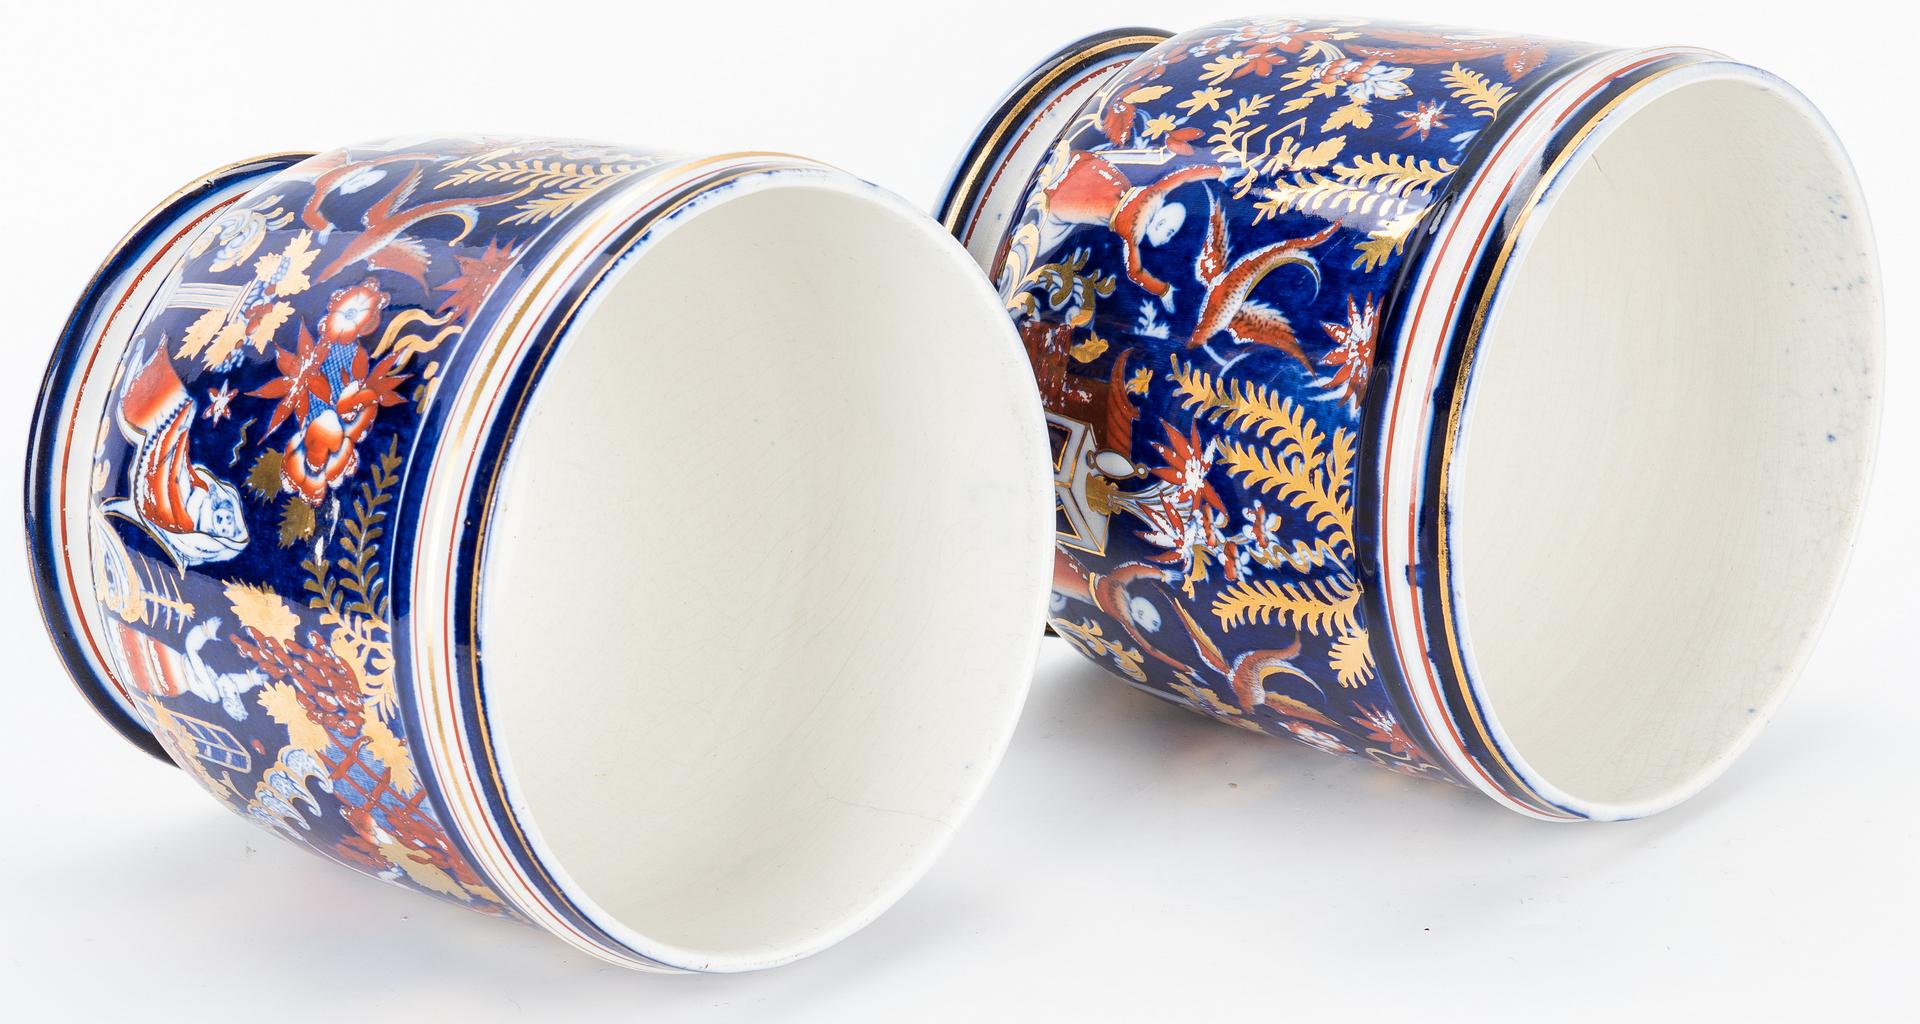 Lot 840: 5 English Ceramic Pieces, Platter, Plates & Cache Pots